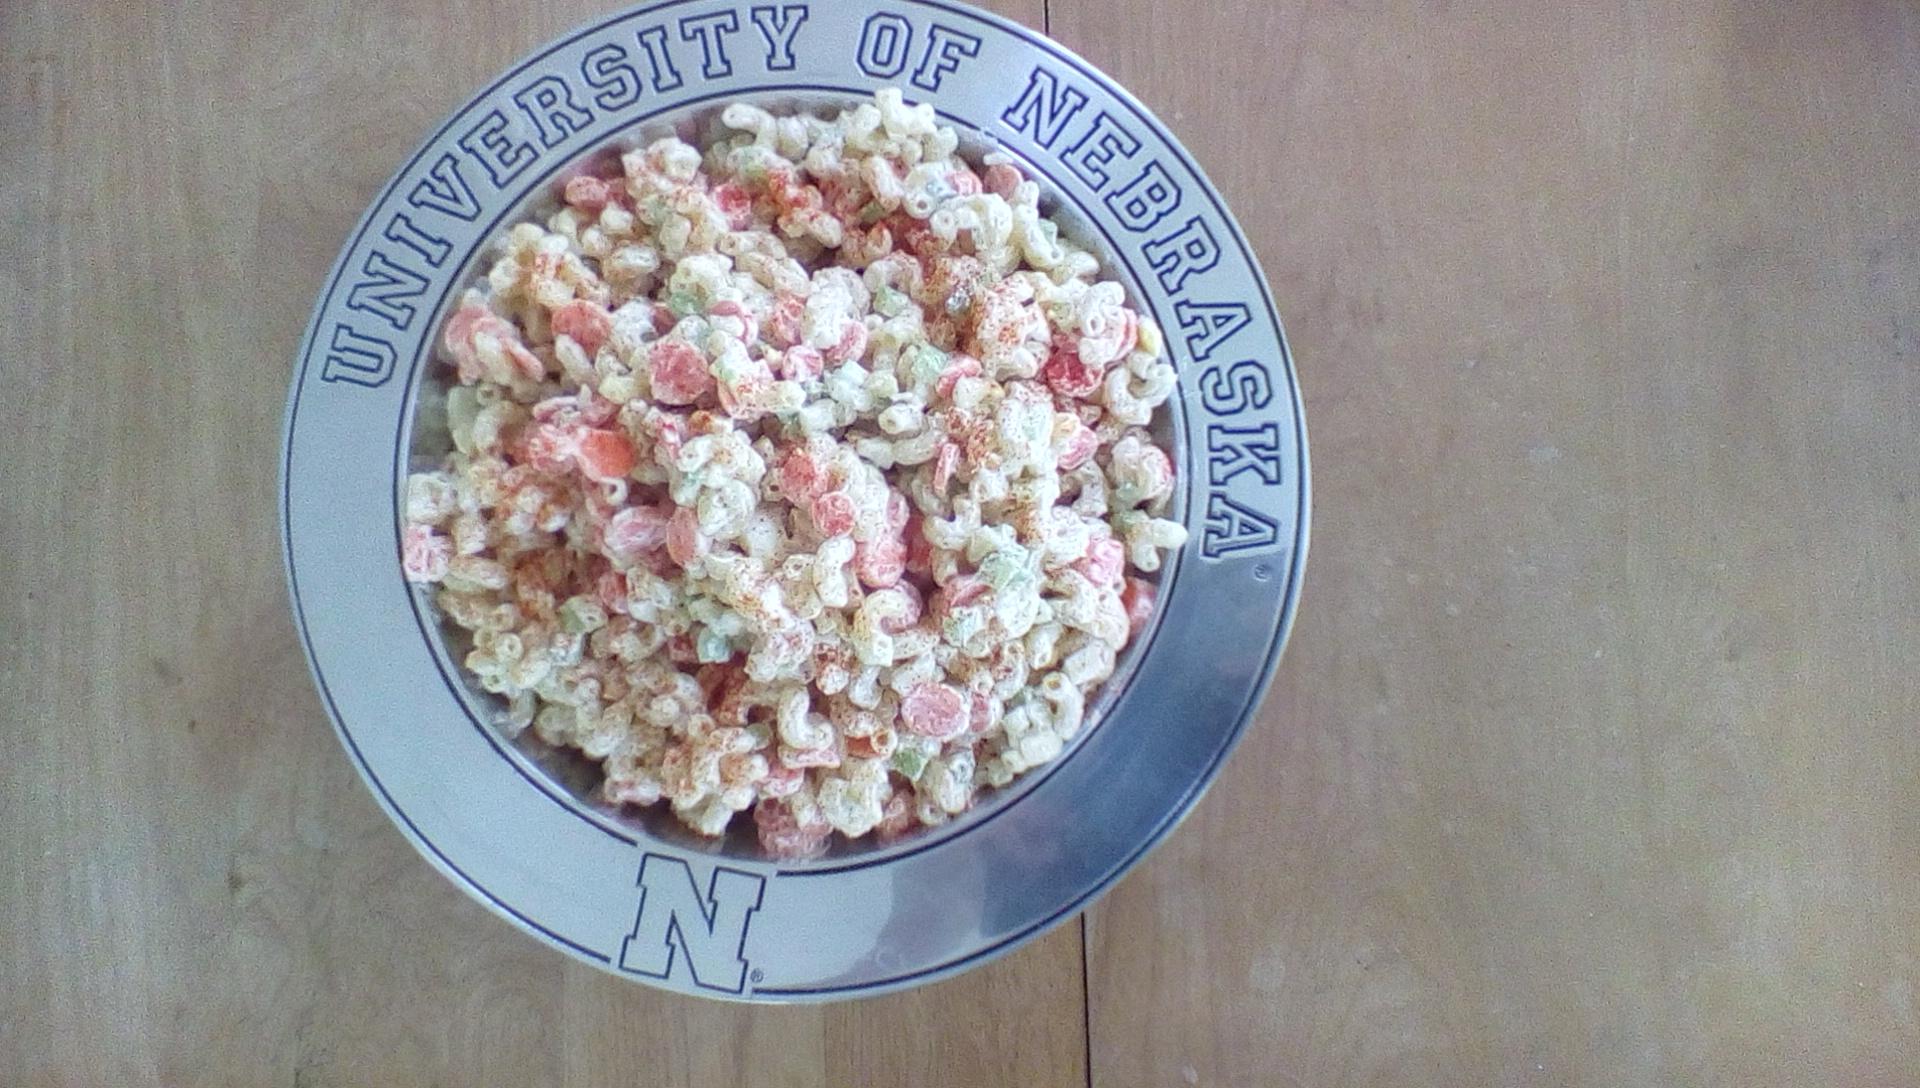 Gramdmom's Macaroni Salad www.herviewfromhome.com